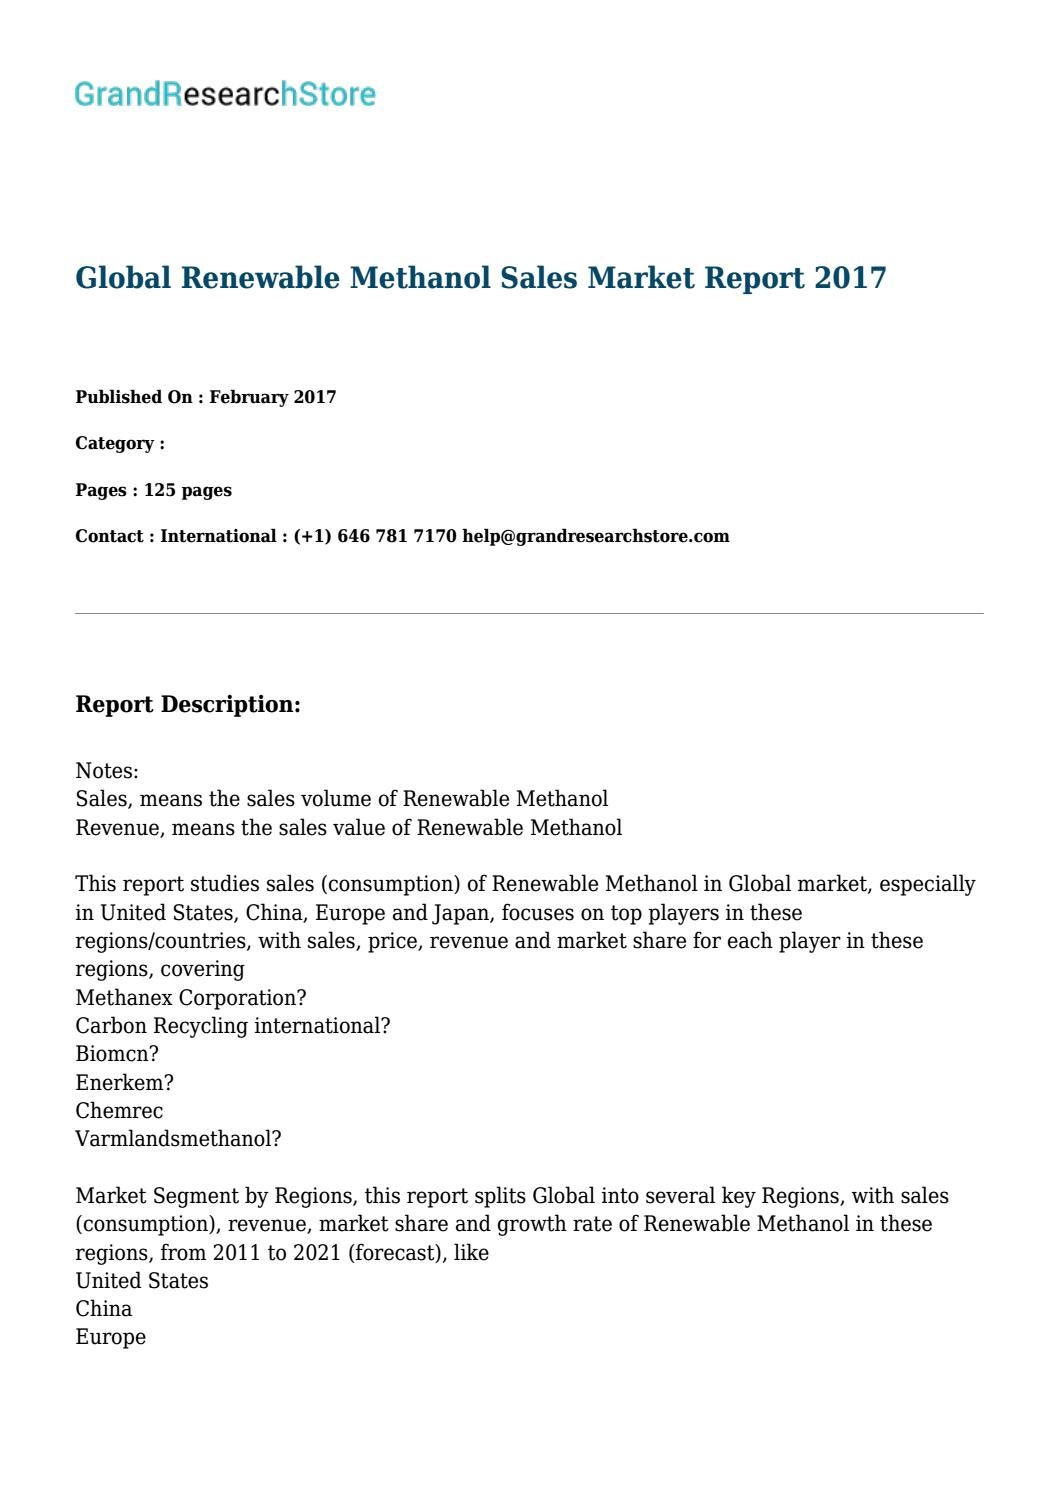 Global renewable methanol sales grandresearchstore by Noah